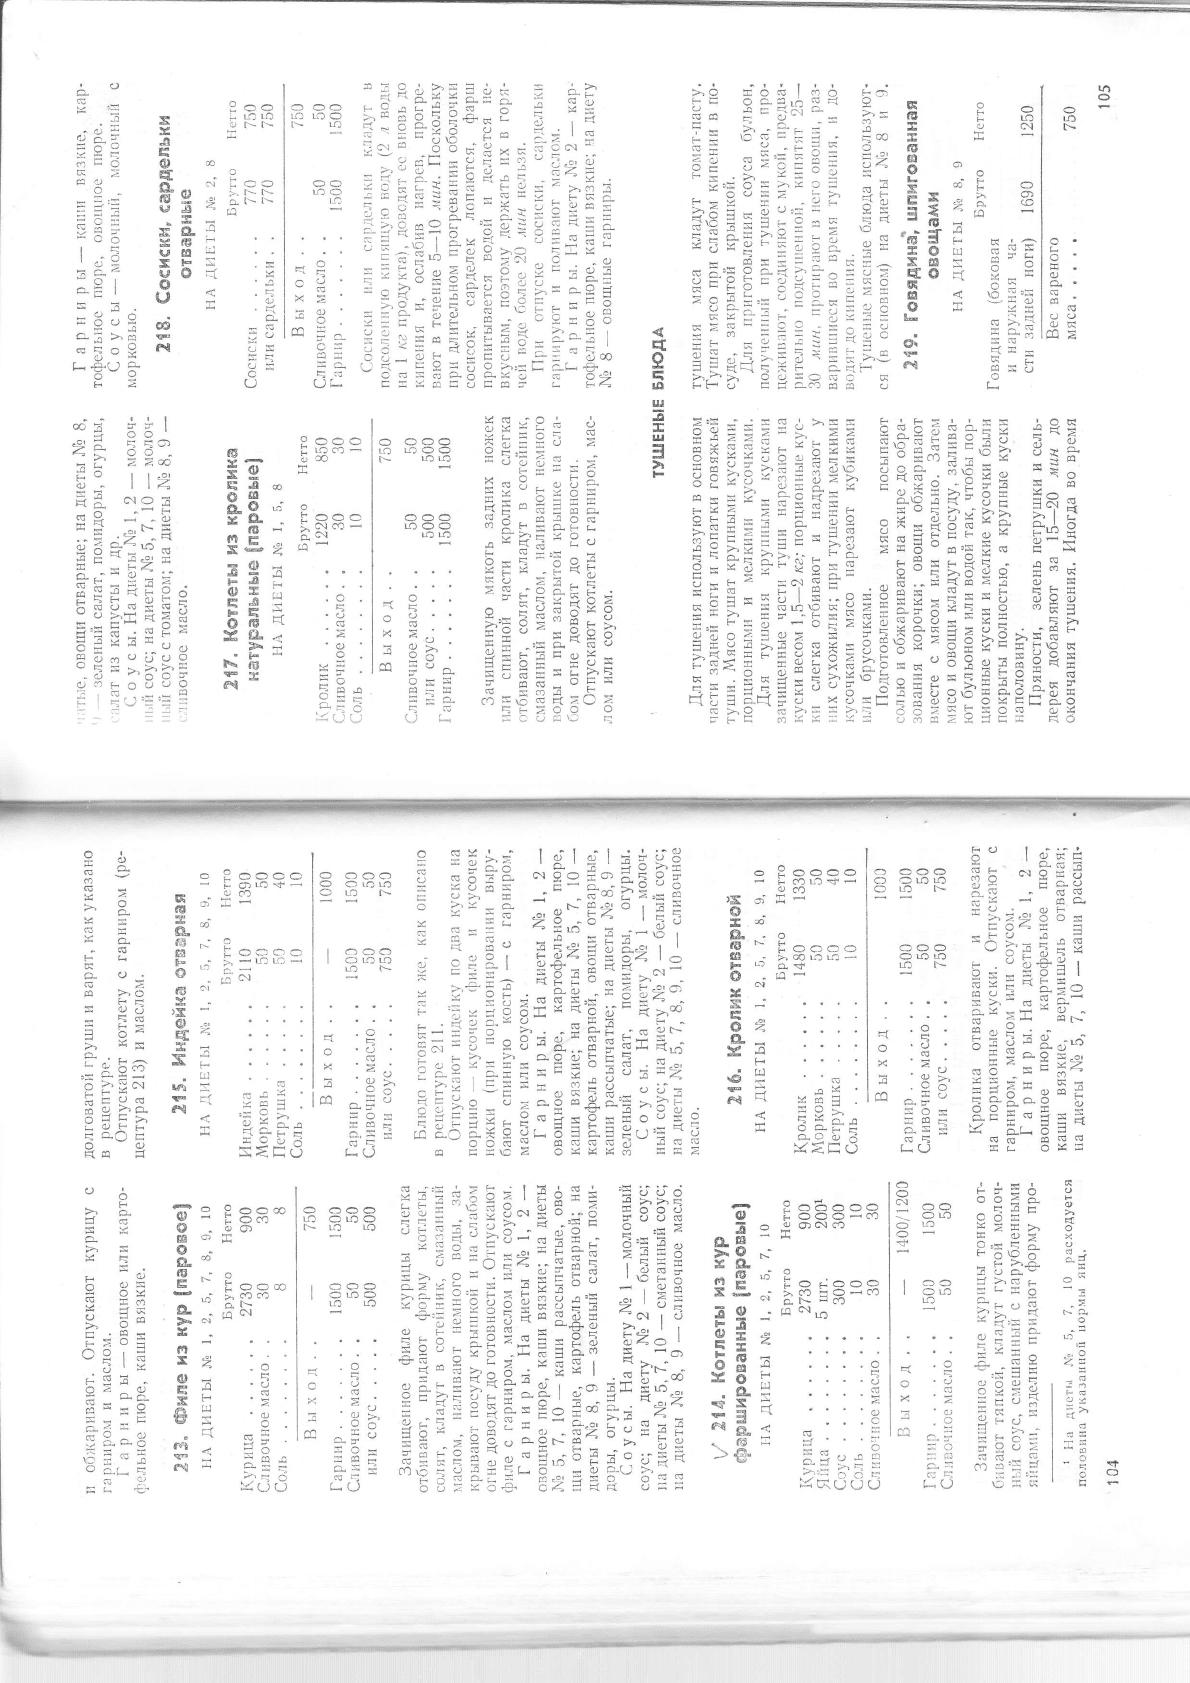 Справочник по лечебному питанию для диетсестер и поваров (Смолянский Б.Л., Абрамова Ж.И.)